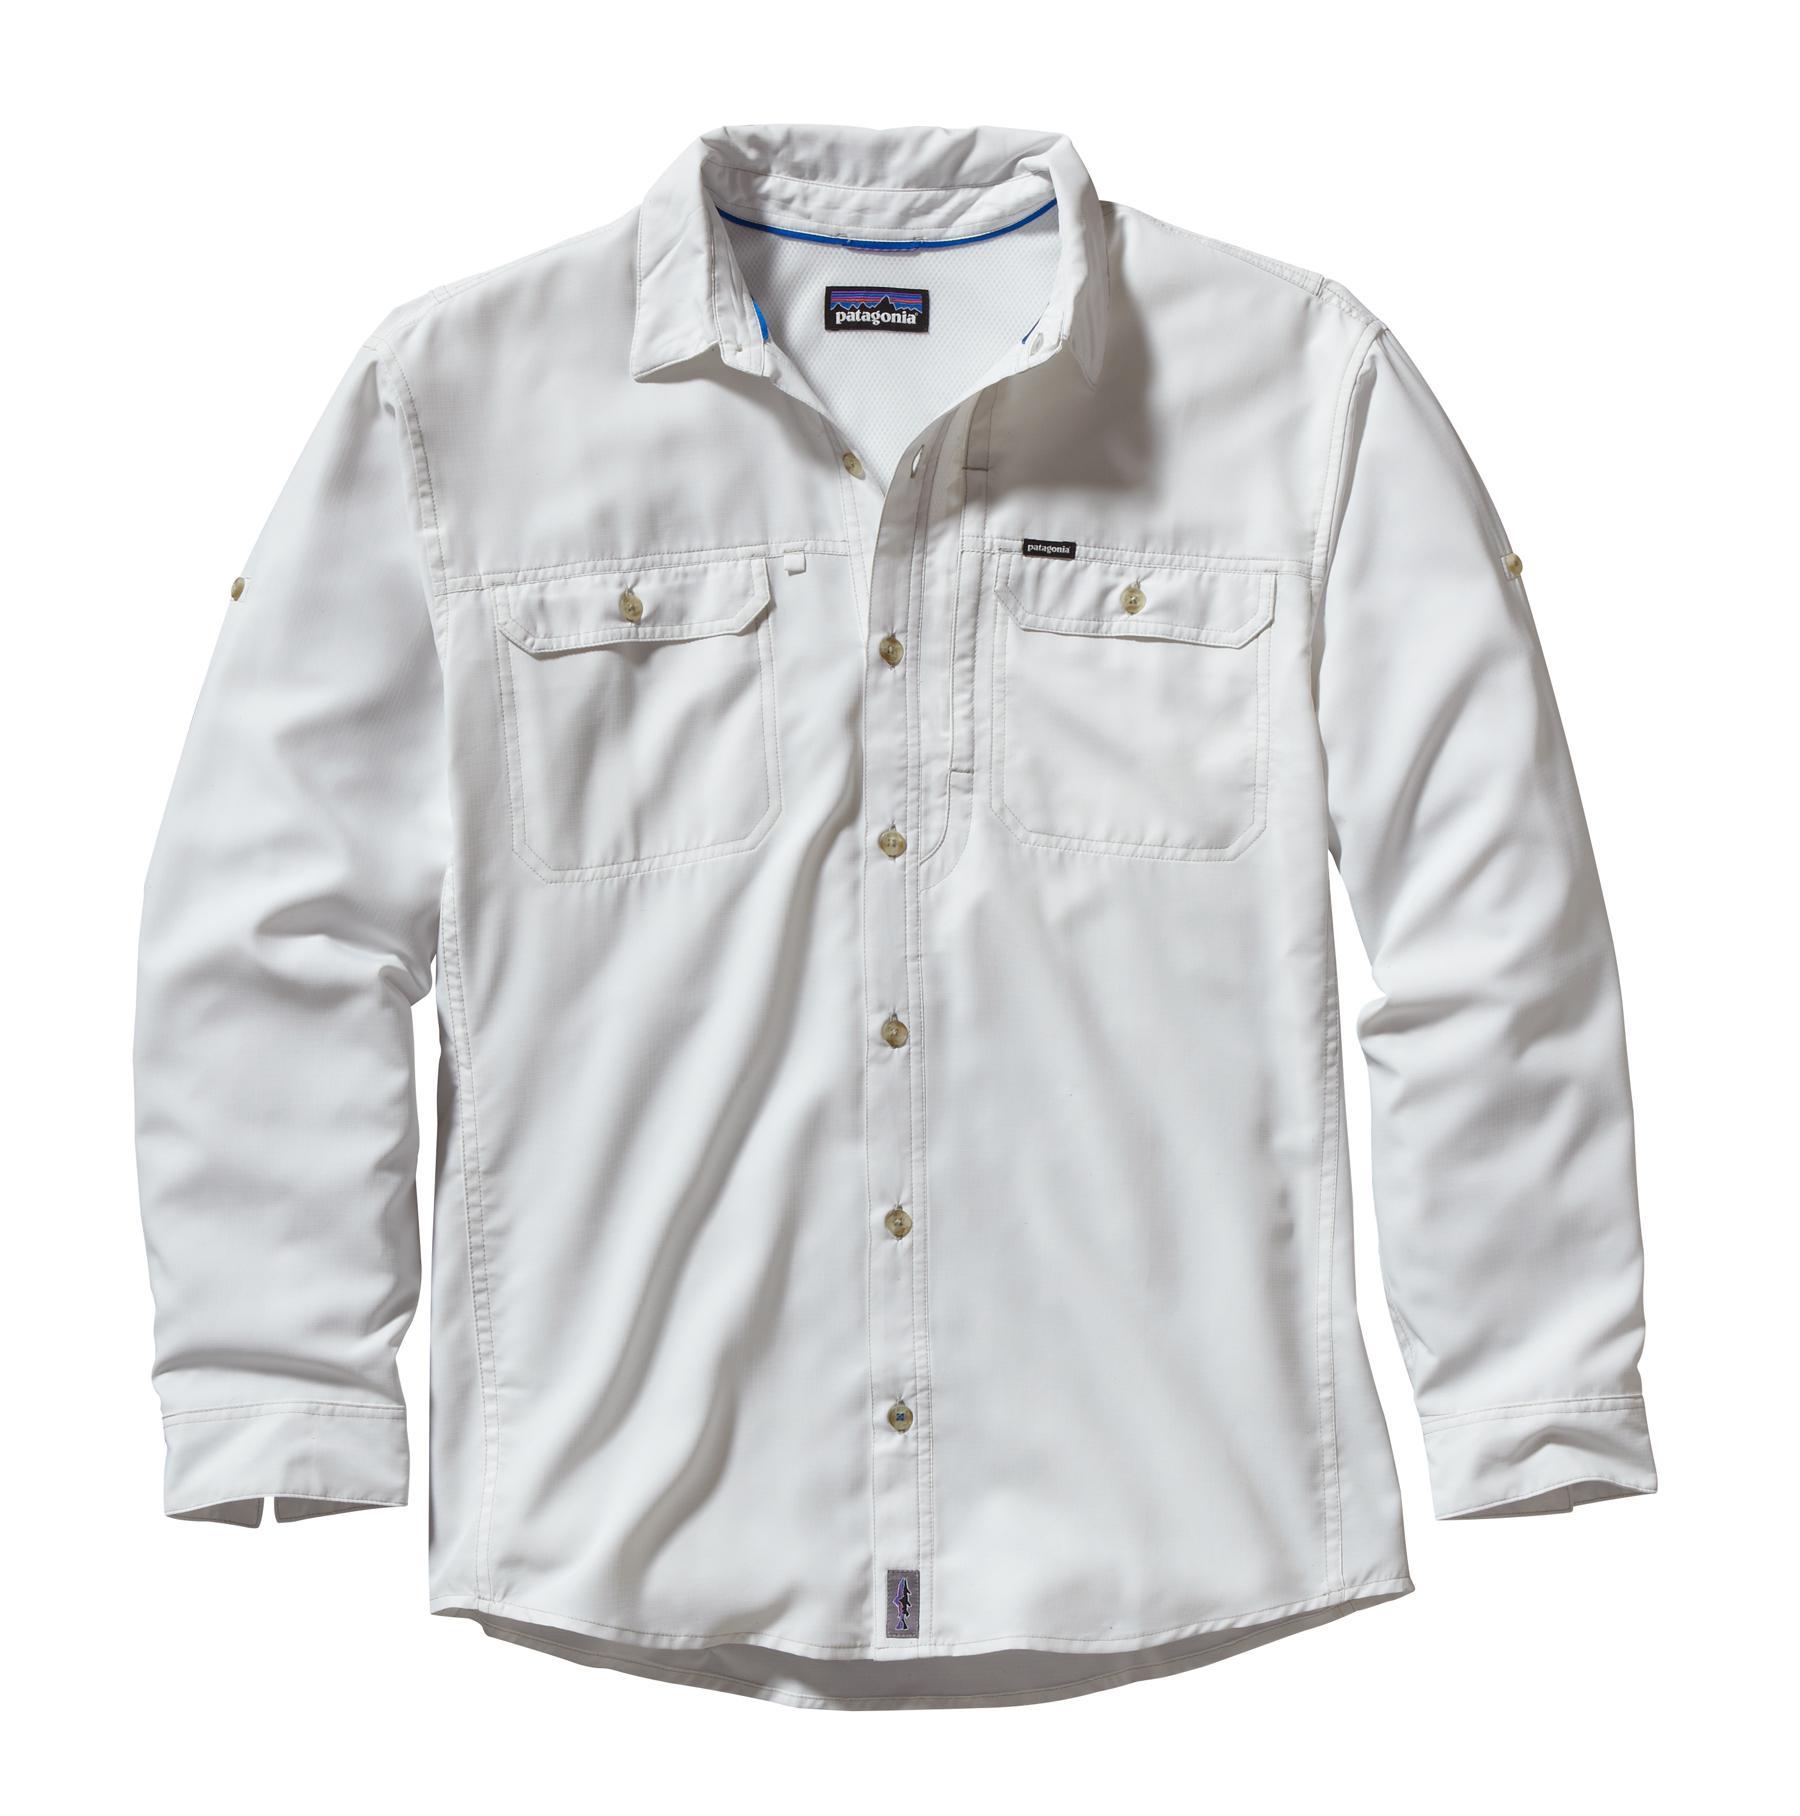 Patagonia Men's Sol Patrol L/S Shirt WHI_WHITE